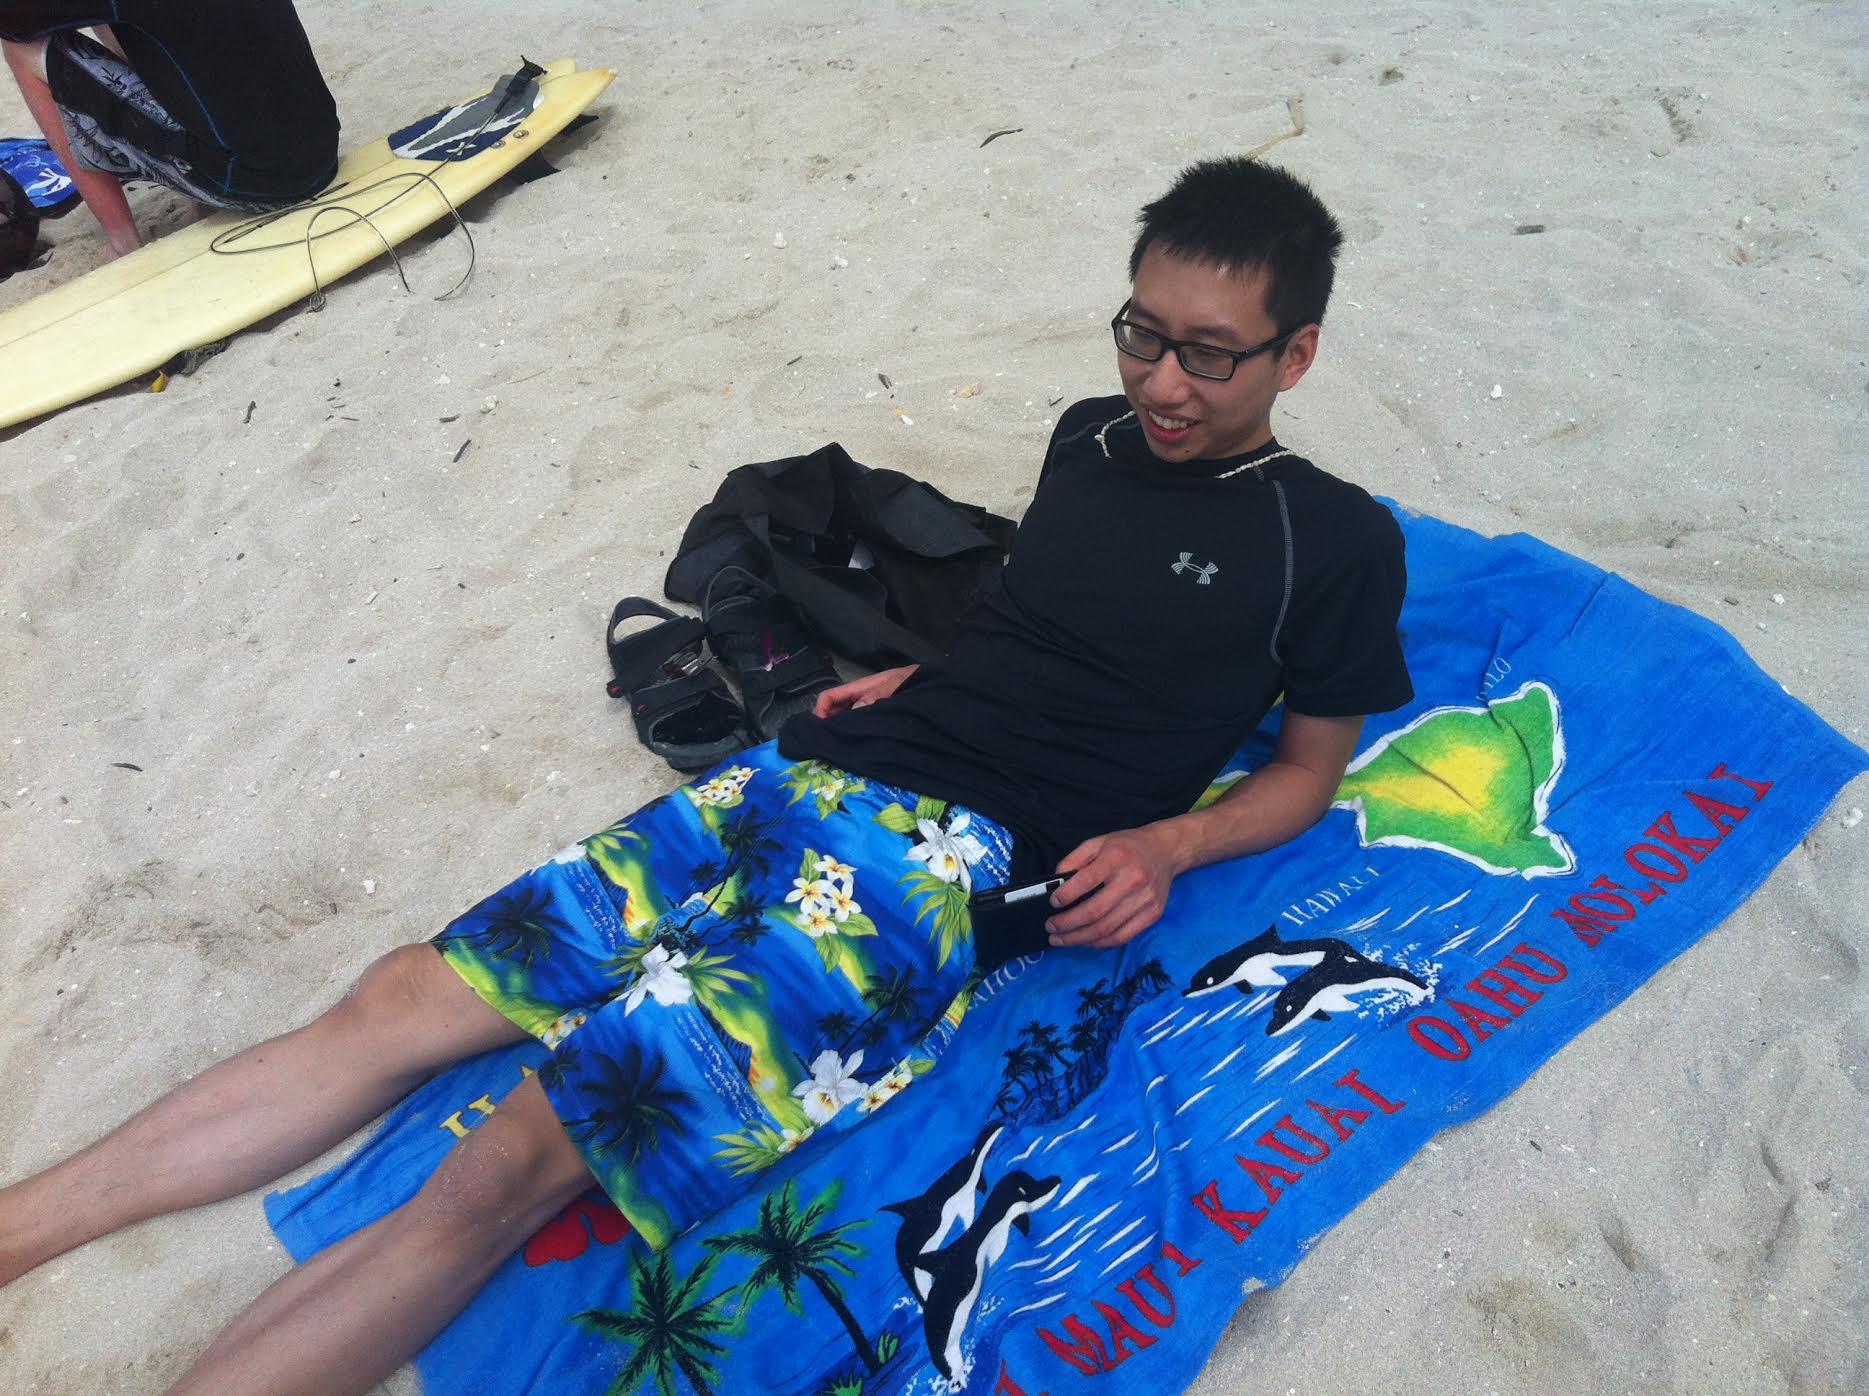 Matt from pointshogger in Waikiki